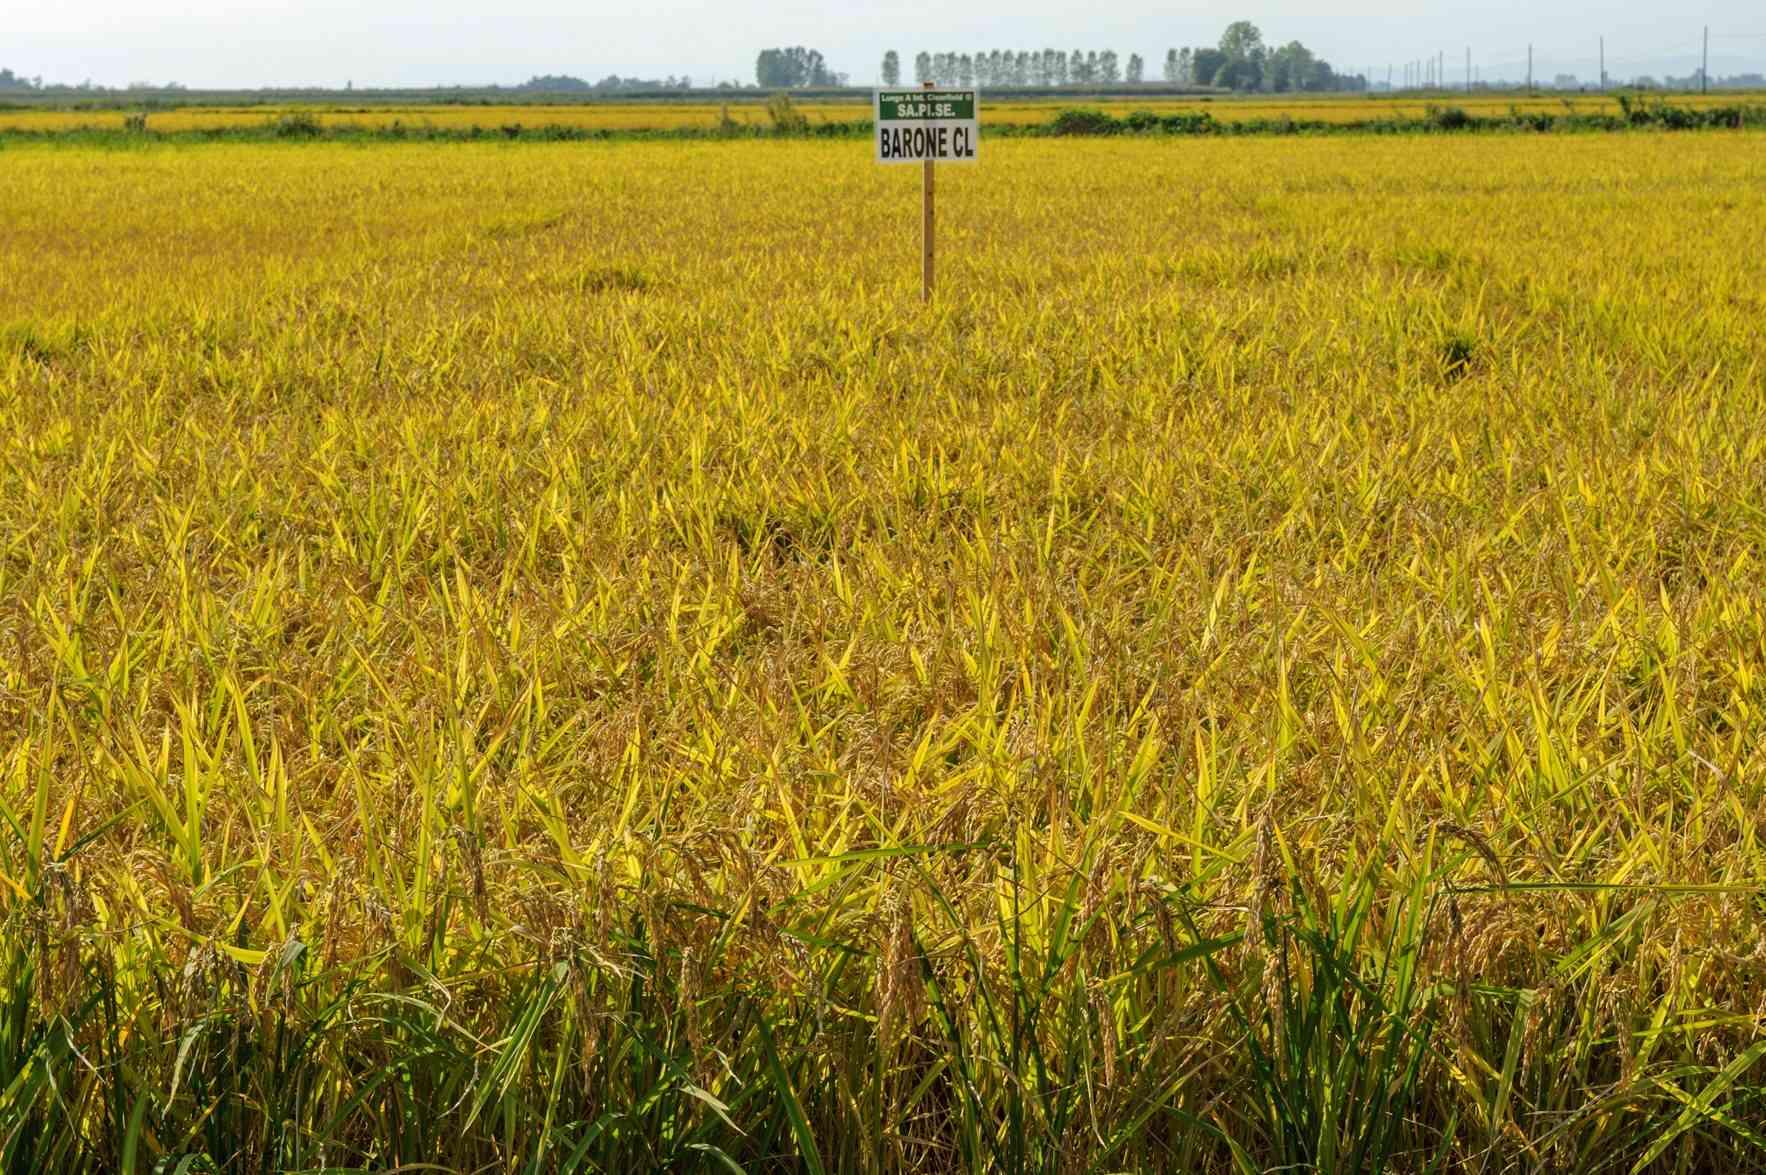 sementi-riso barone cl campo coltivazione